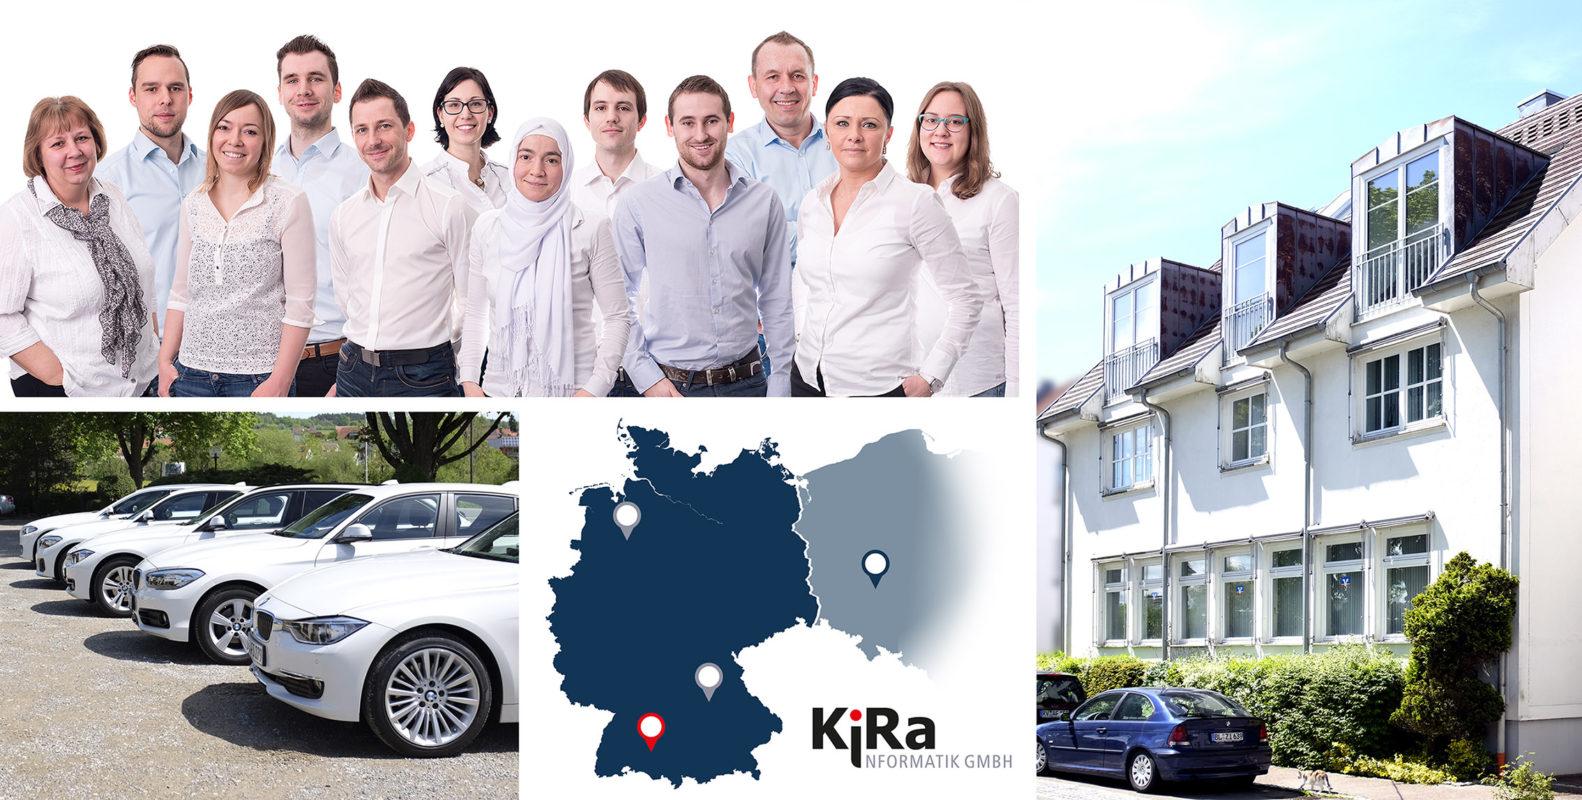 KiRa Unternehmensdarstellung, Mitarbeiter, Fuhrpark, Gebäude und Landkarte